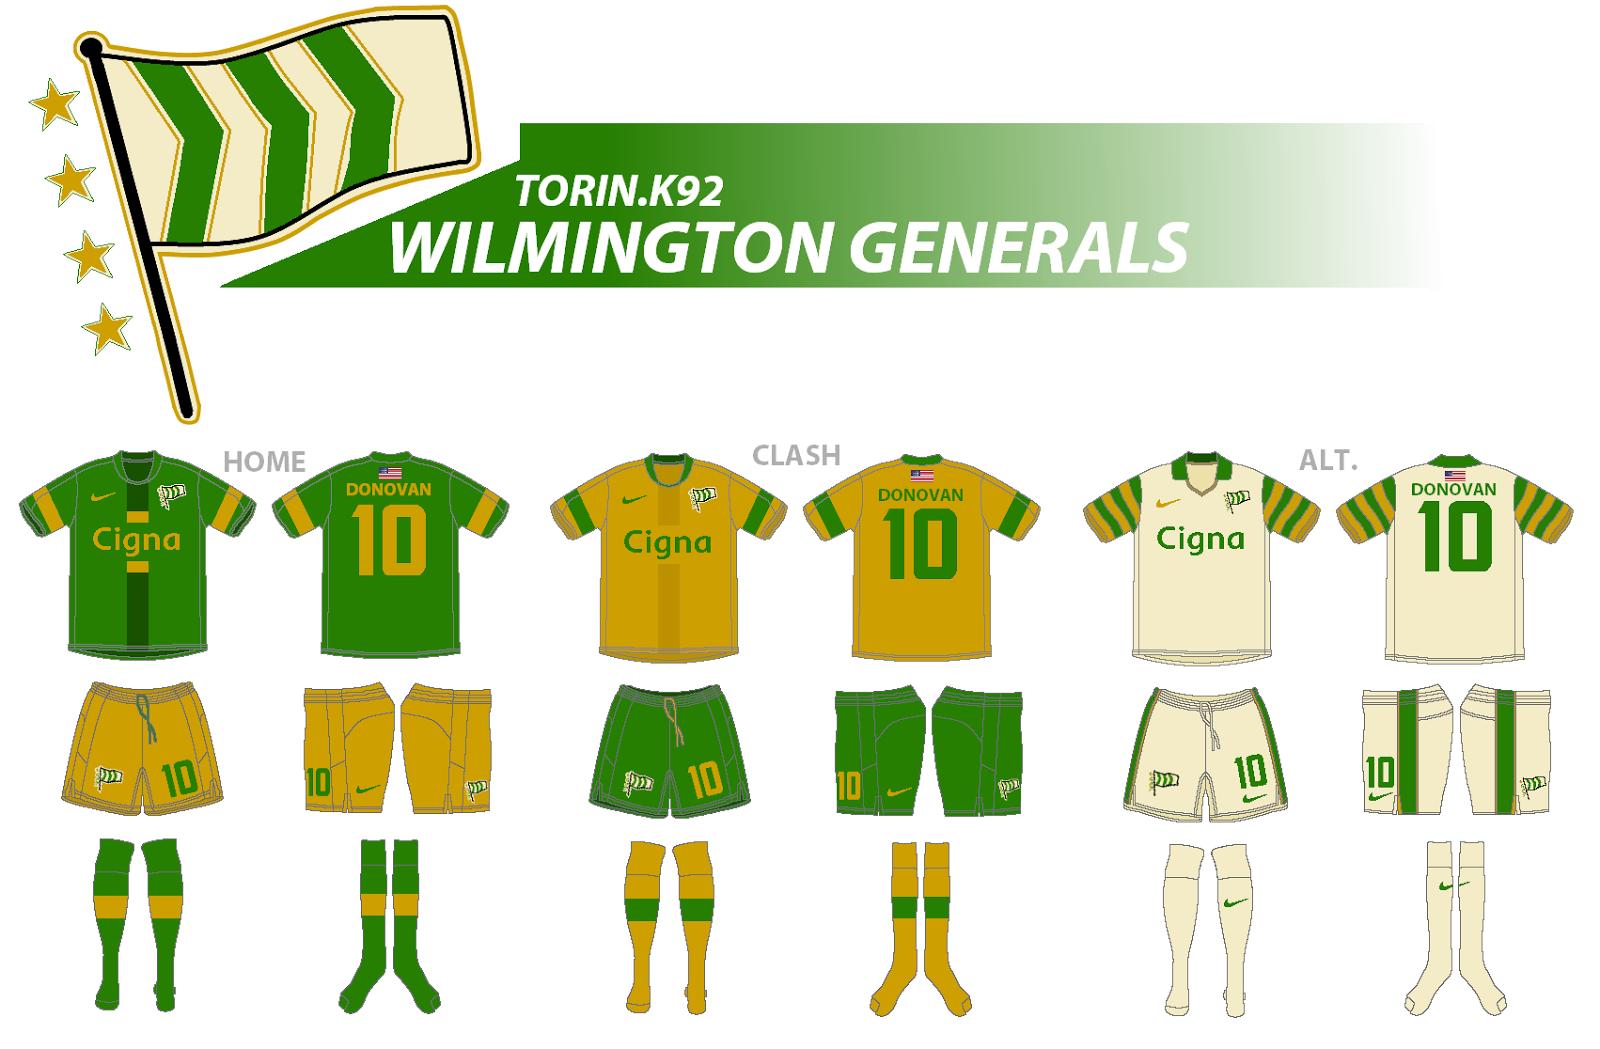 Wilmington+Generals.png